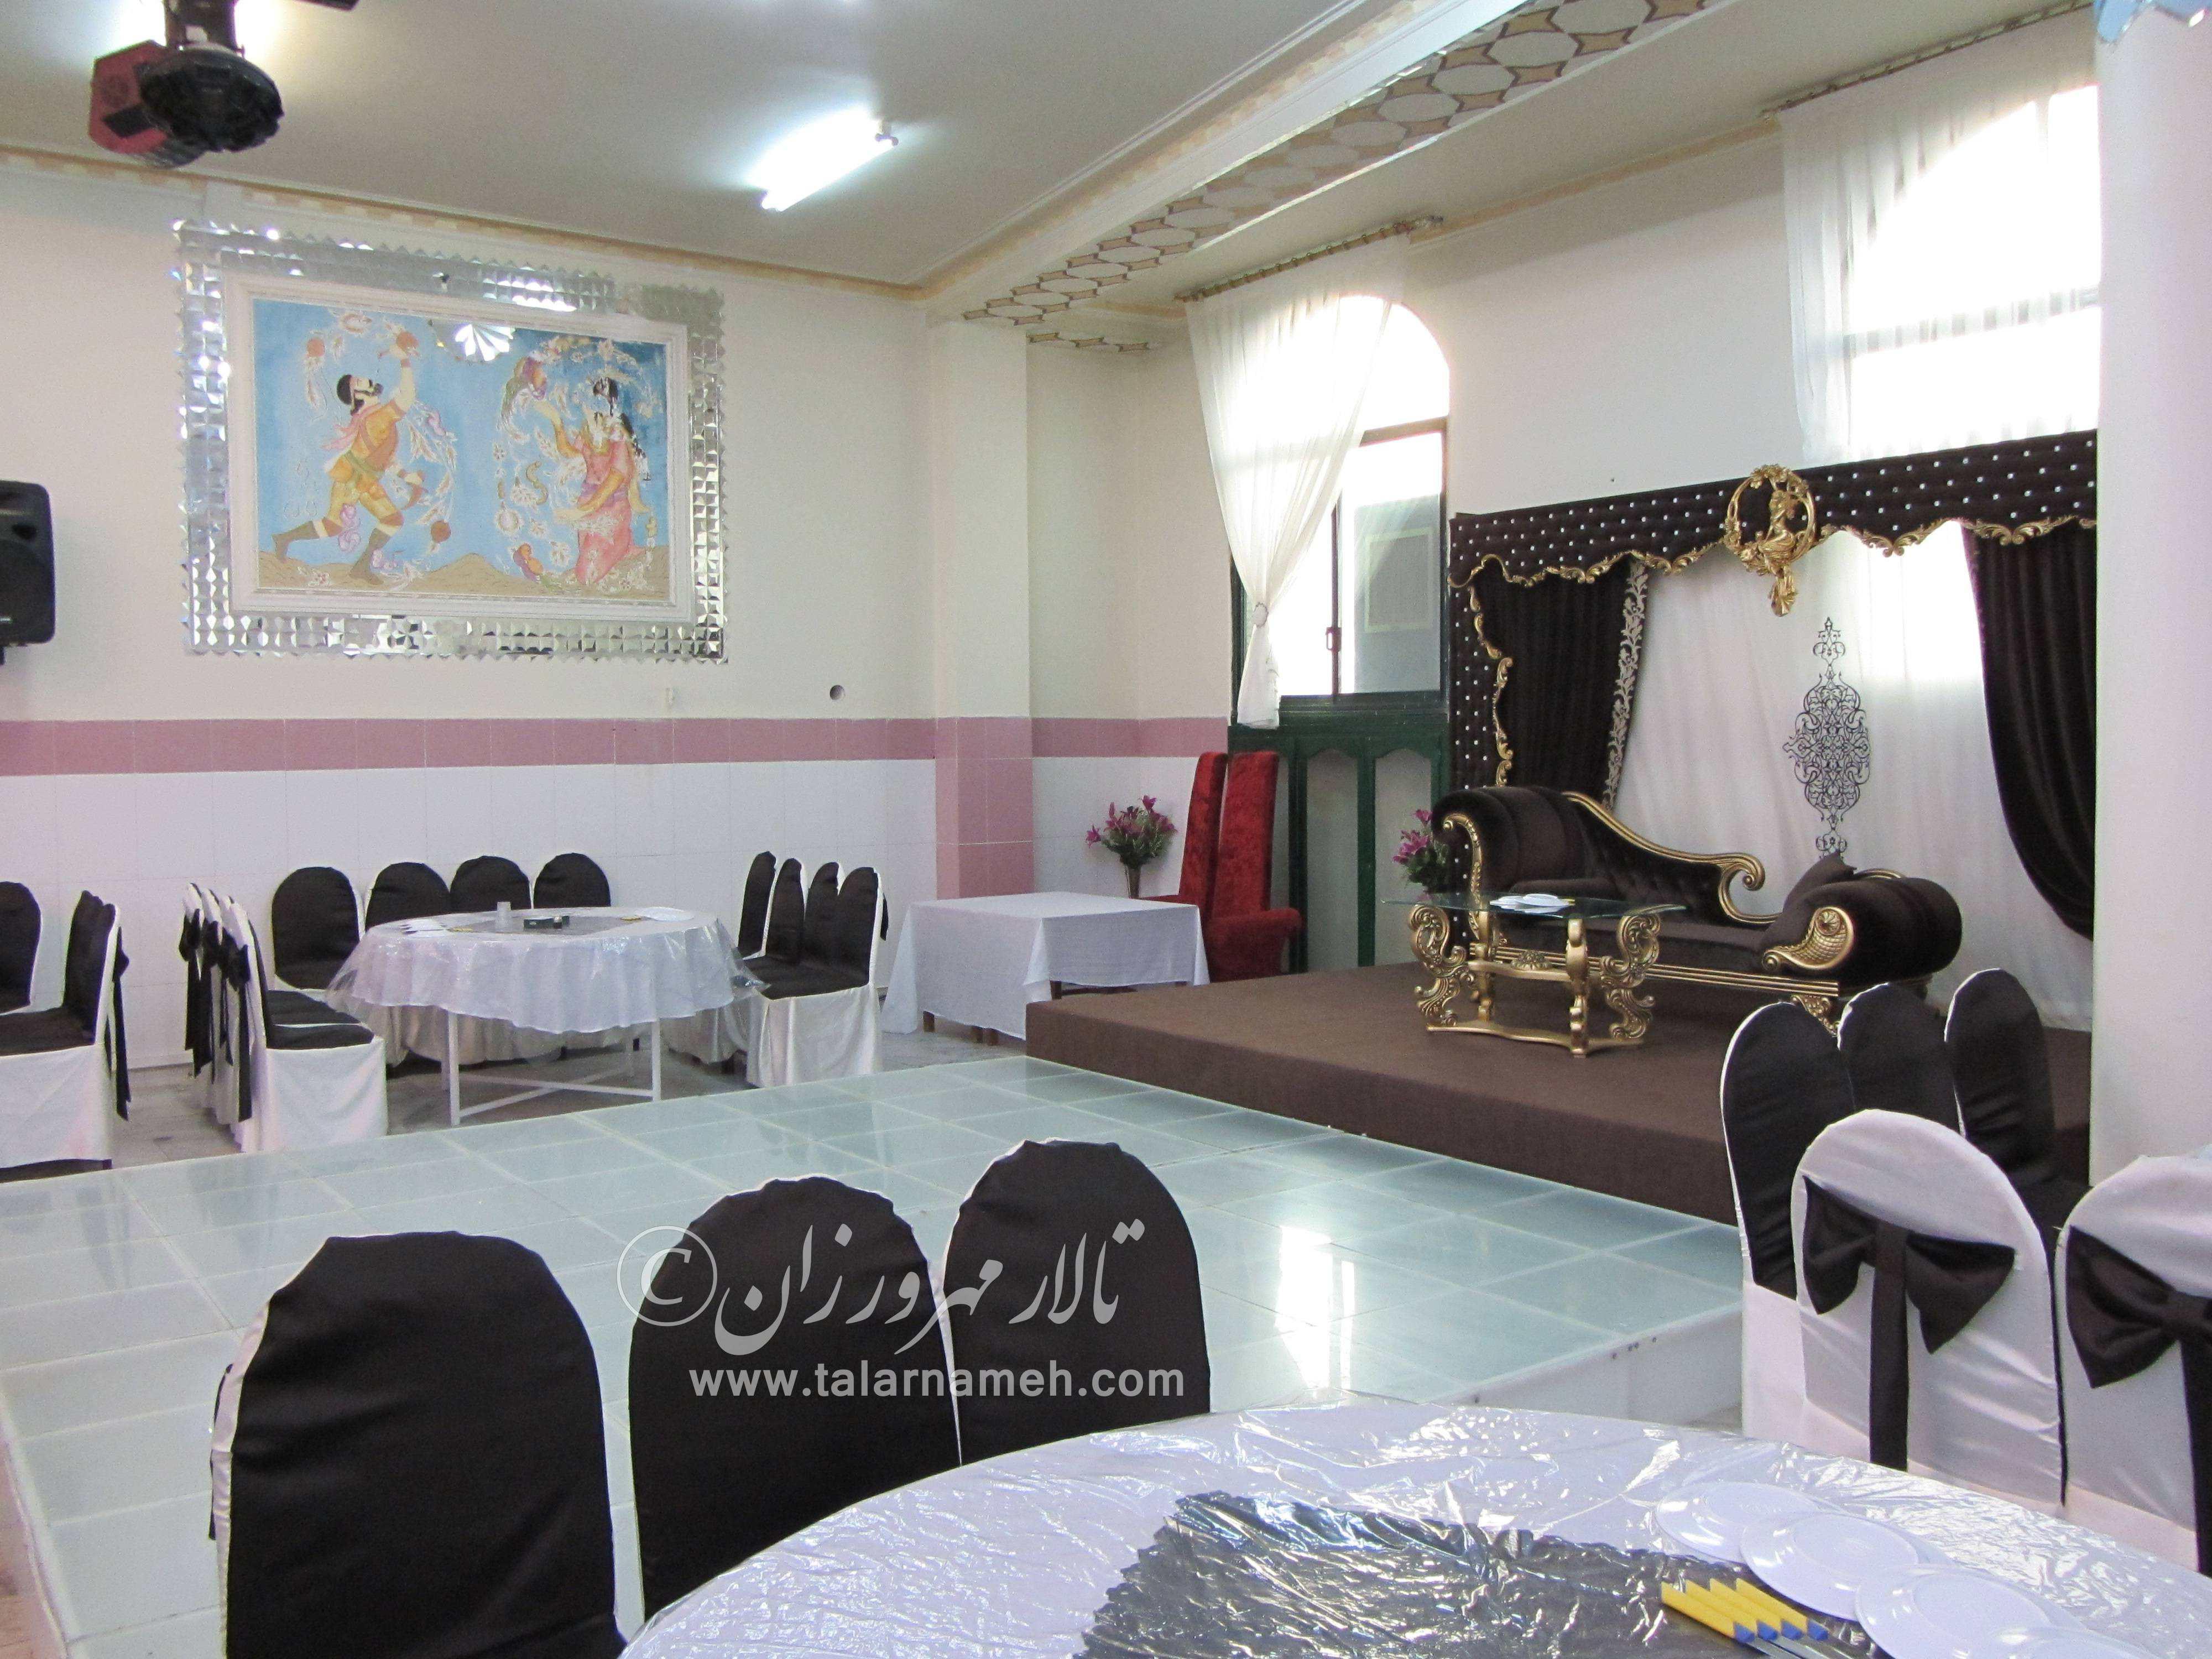 تالار پذیرایی مهرورزان اصفهان